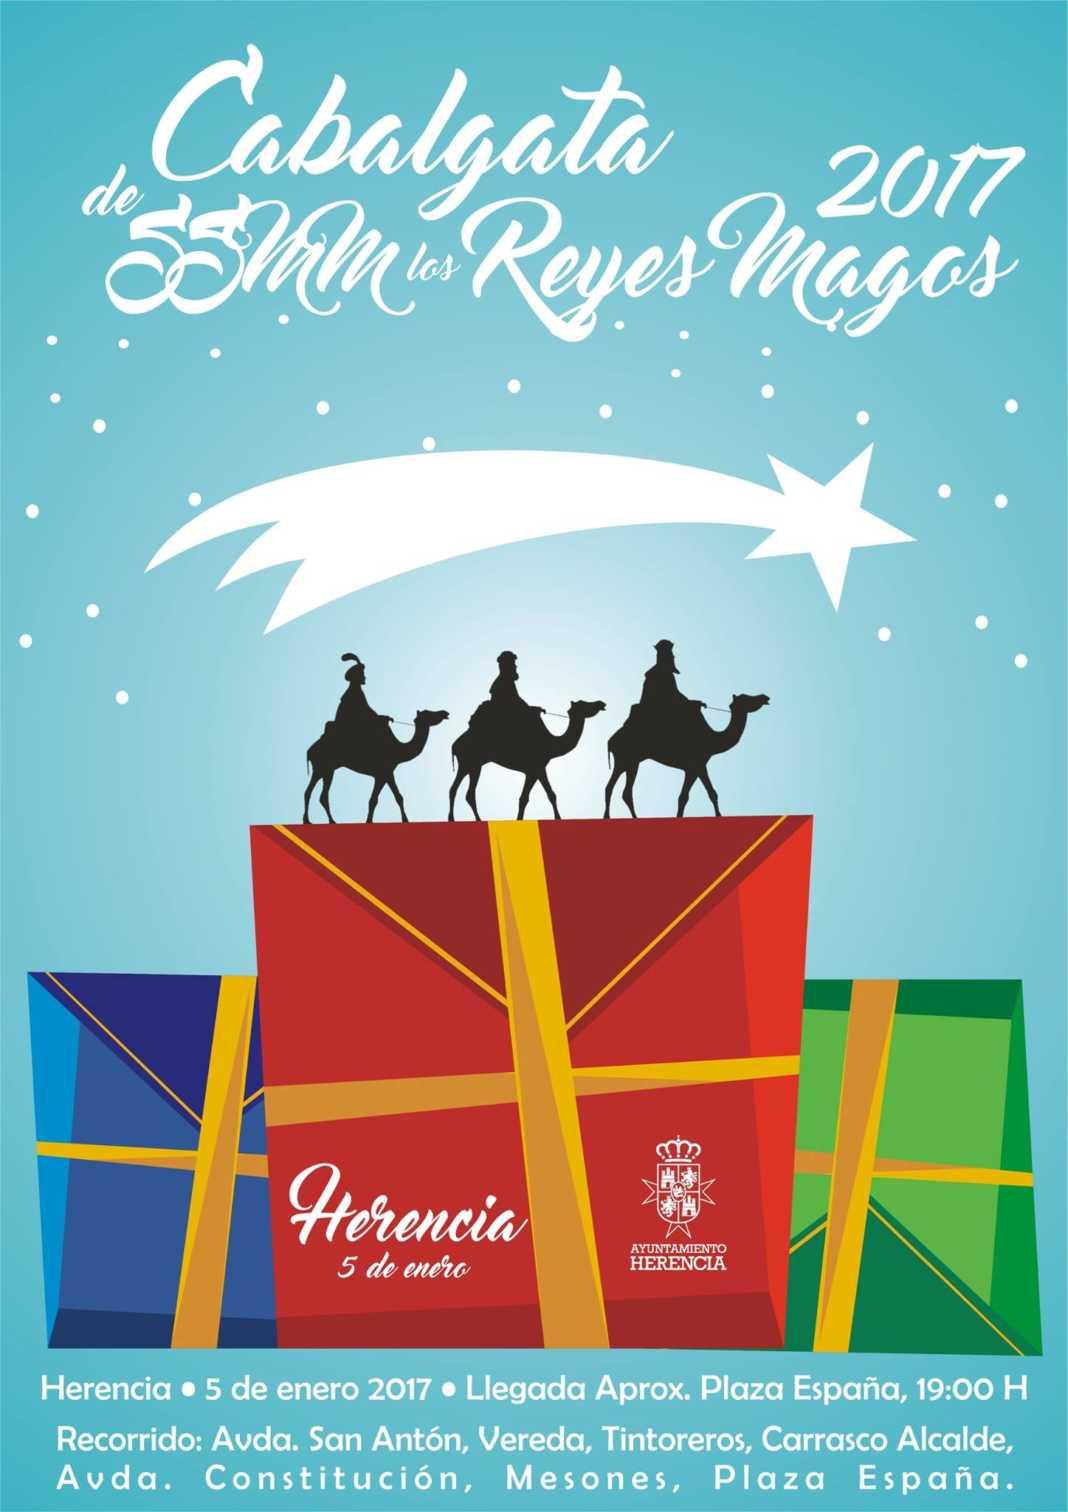 Cabalgata de SSMM los Reyes Magos de Oriente llegará a Herencia 1